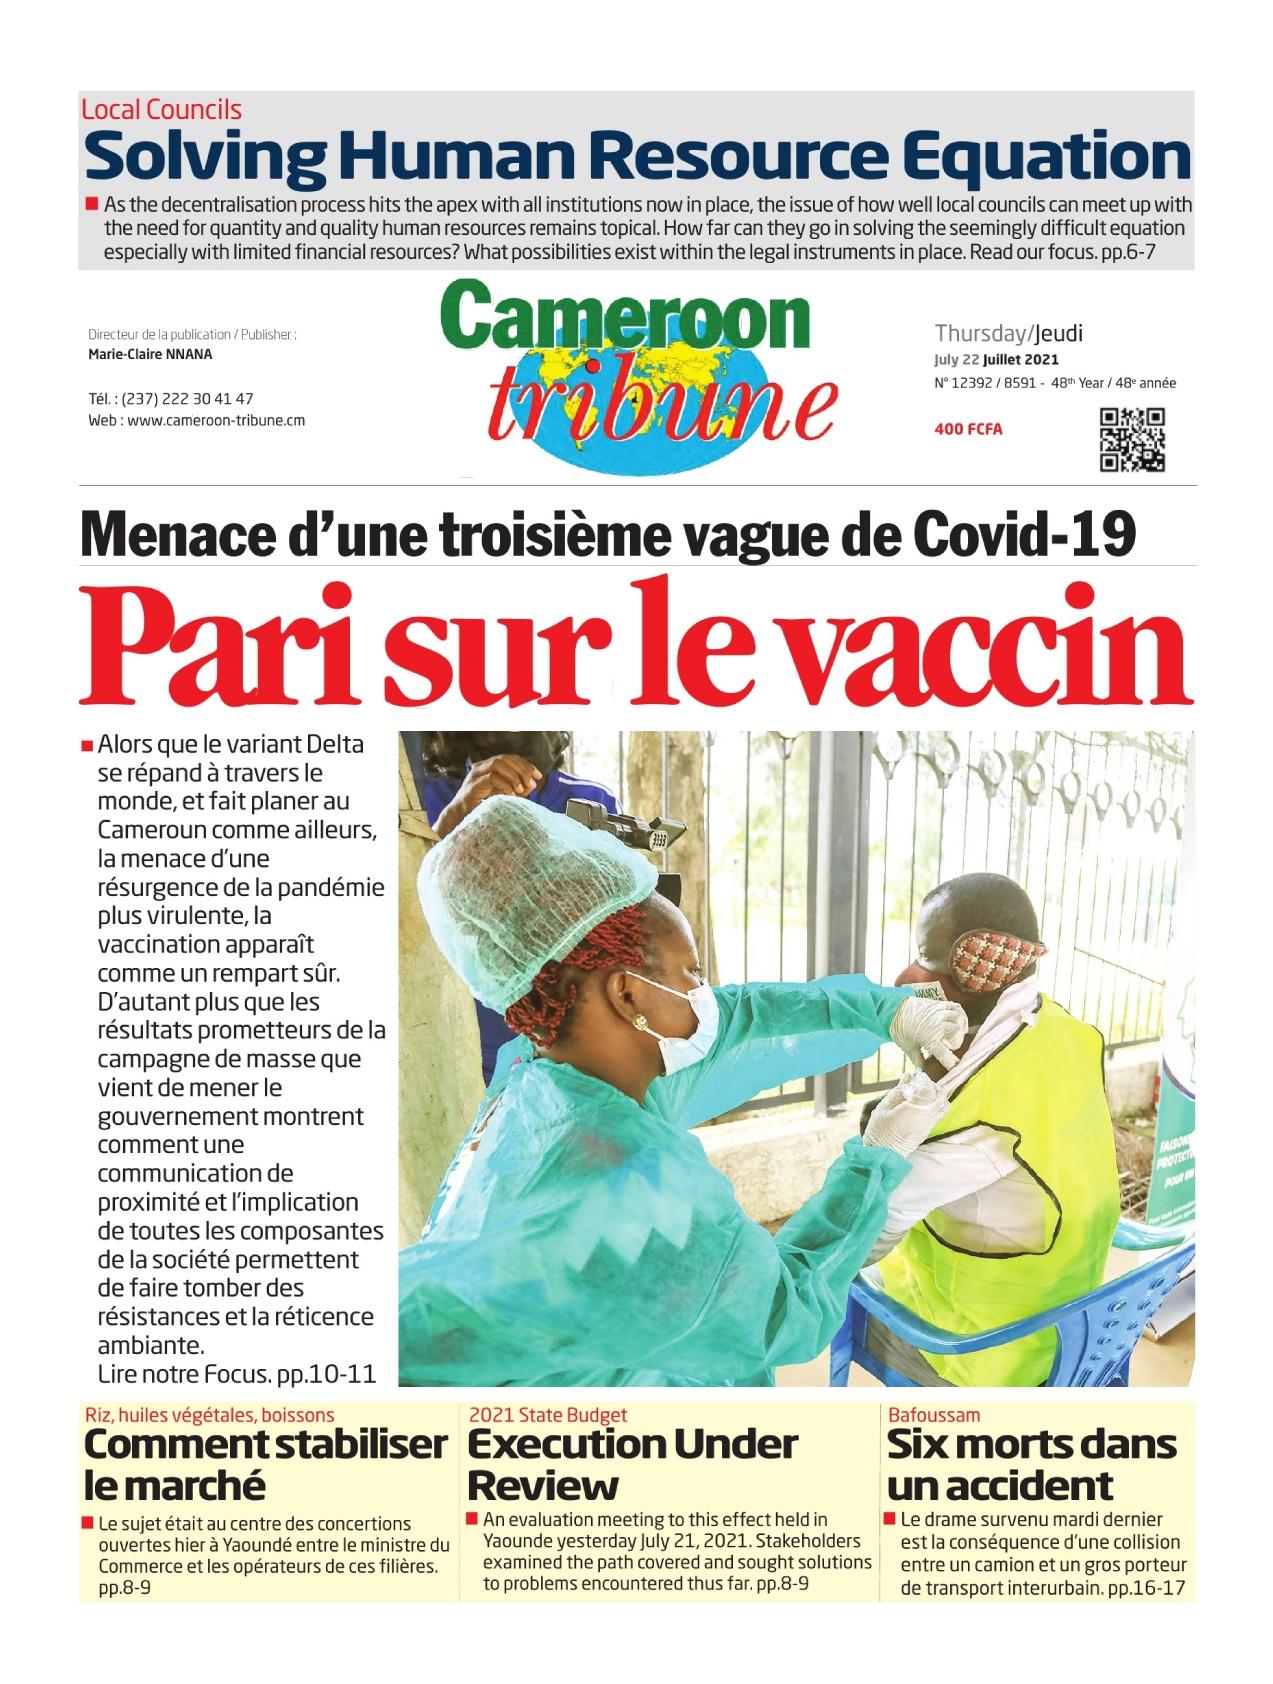 Cameroon Tribune - 22/07/2021